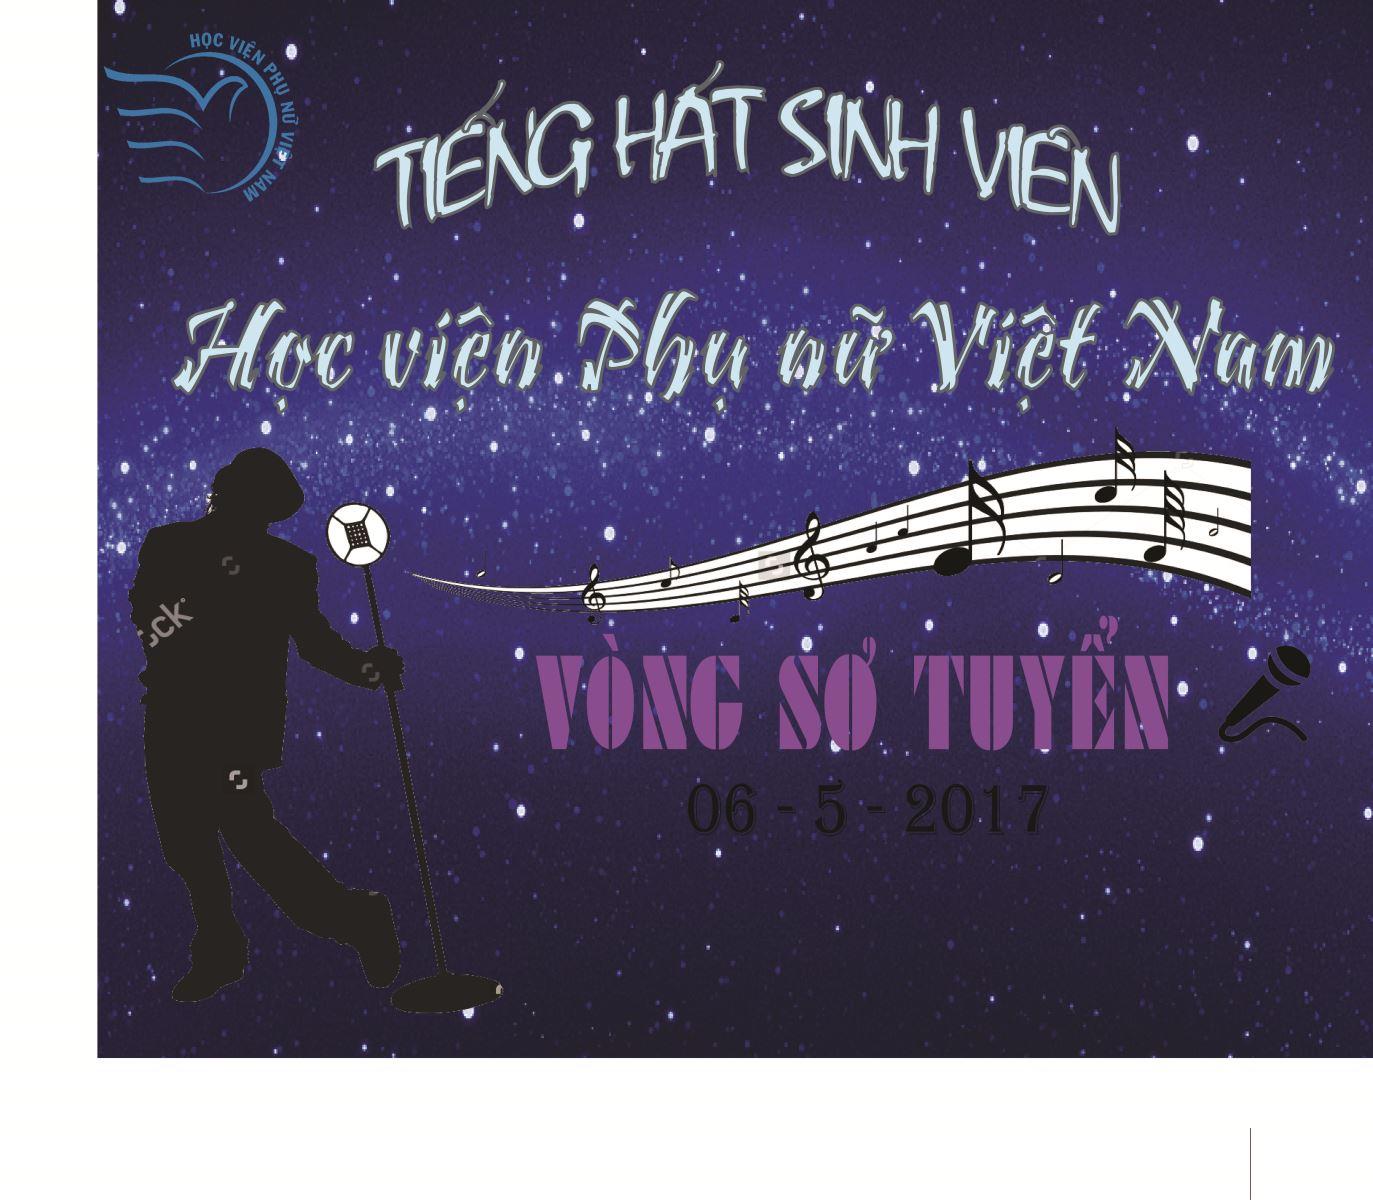 Kết quả Vòng sơ khảo Cuộc thi Tiếng hát sinh viên Học viện Phụ nữ Việt Nam lần thứ nhất, năm 2017